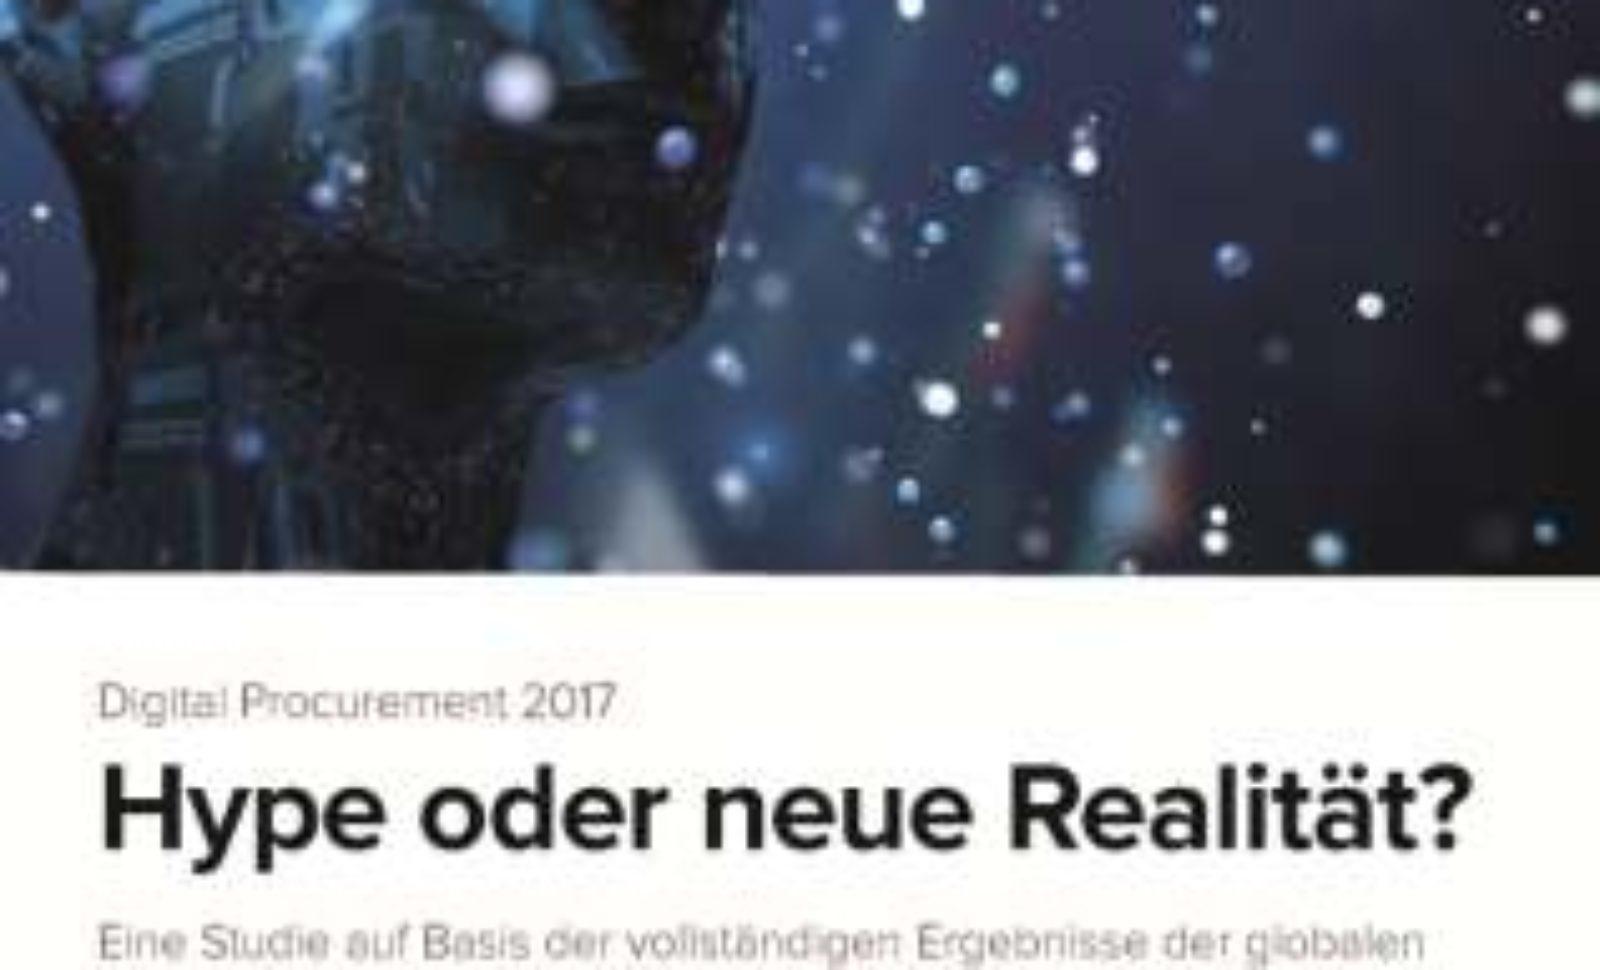 Umfrage von Jaggaer und BMÖ: Bei digitalem Einkauf passen Erwartungen und Erfahrungen noch nicht zusammen